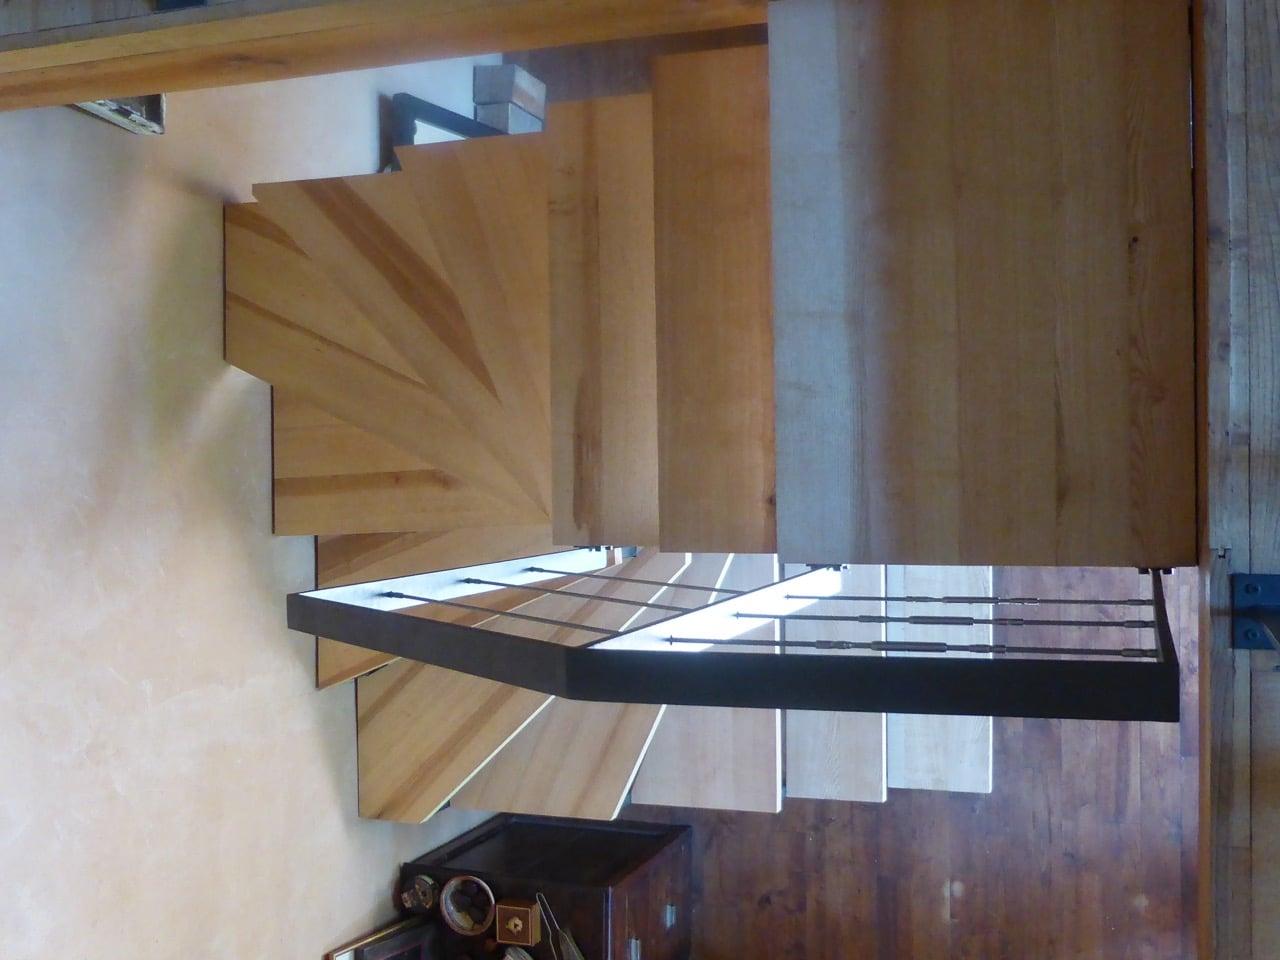 Escalier Colimacon3 Escalier Jacoby